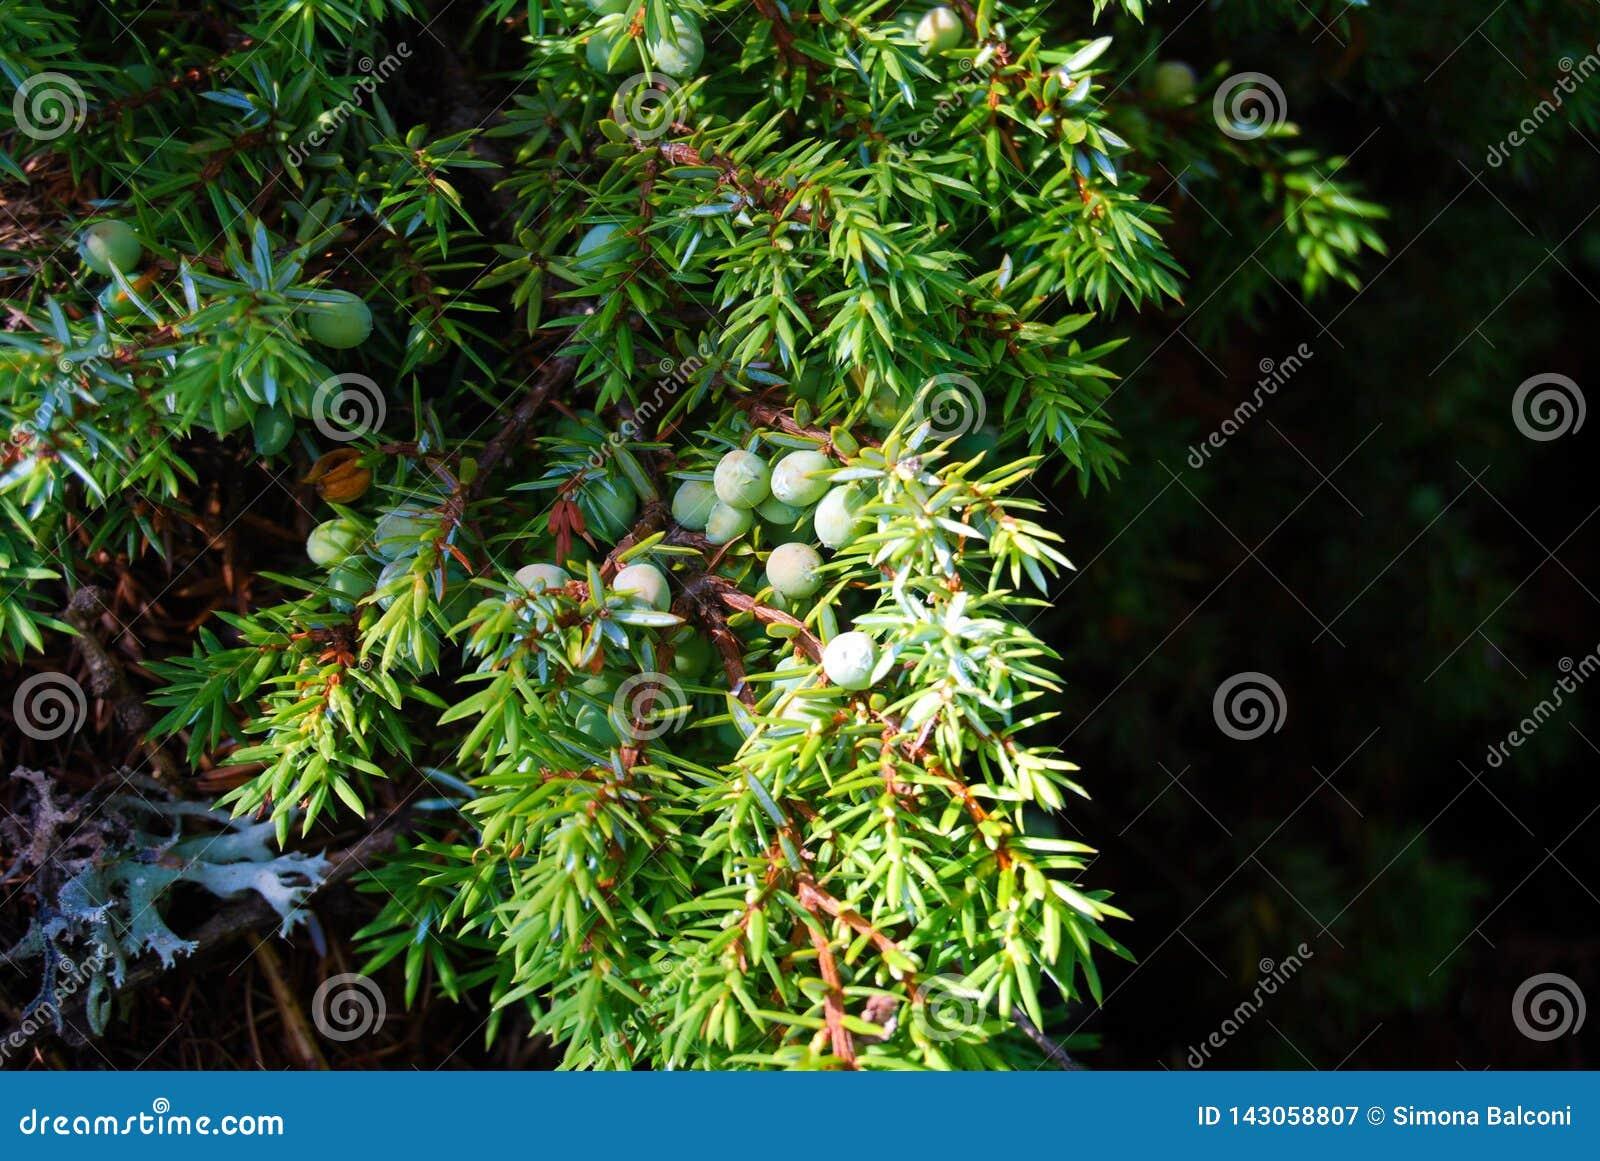 A branch of juniper tree